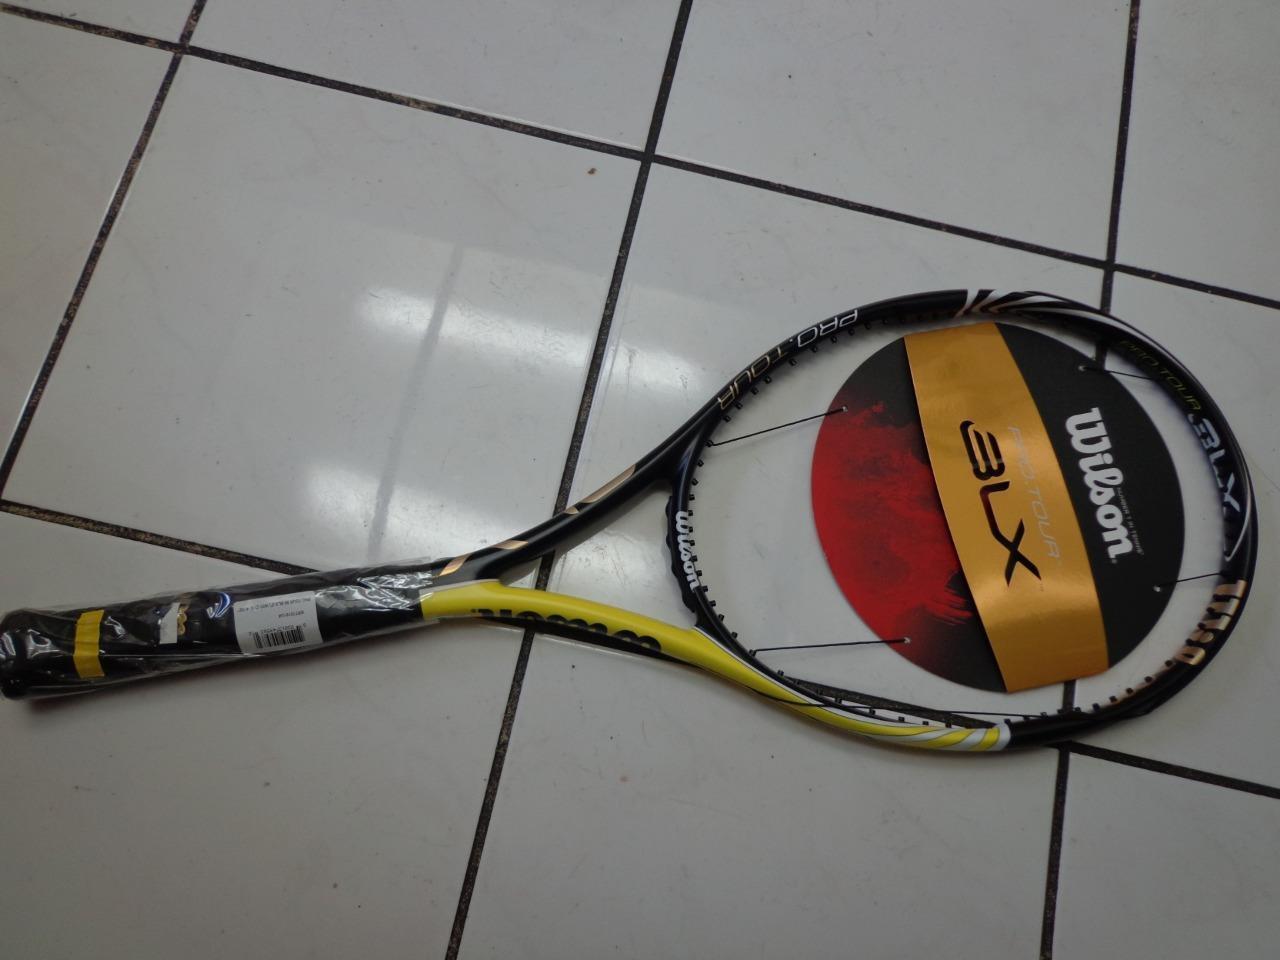 NEW Wilson BLX Pro Tour 18x20 pattern 96 head 11.1oz 4 3 8 grip Tennis Racquet